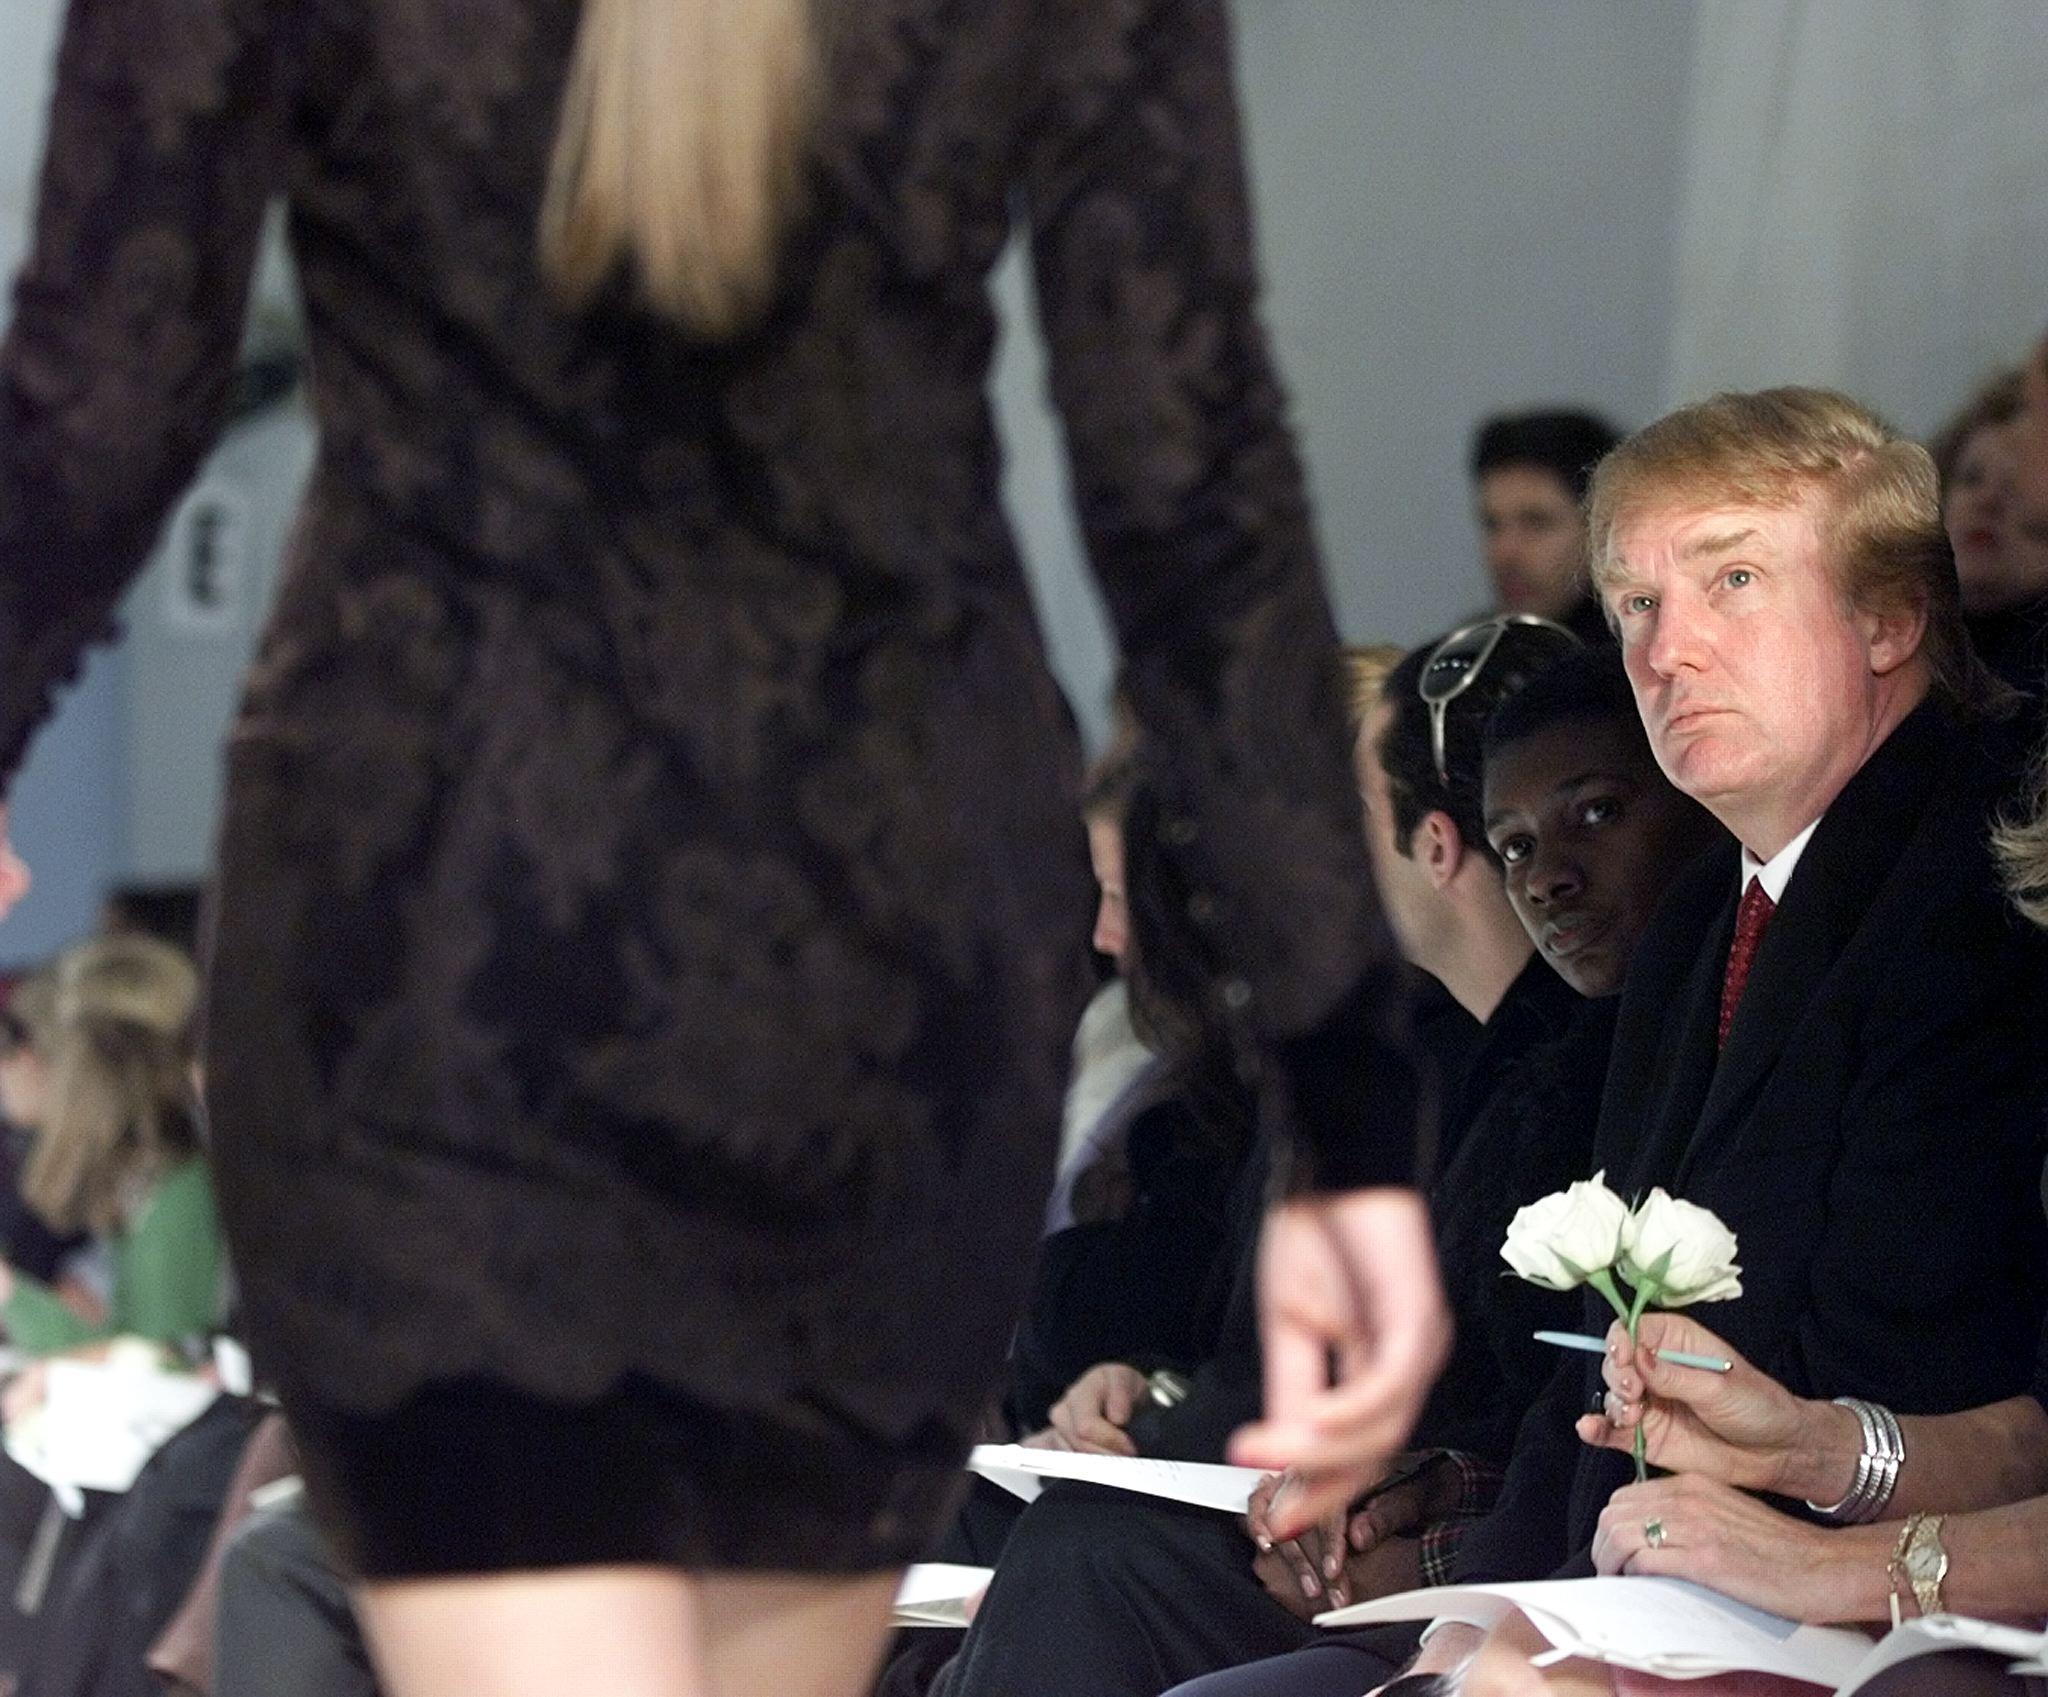 Donald Trump at Fashion Week